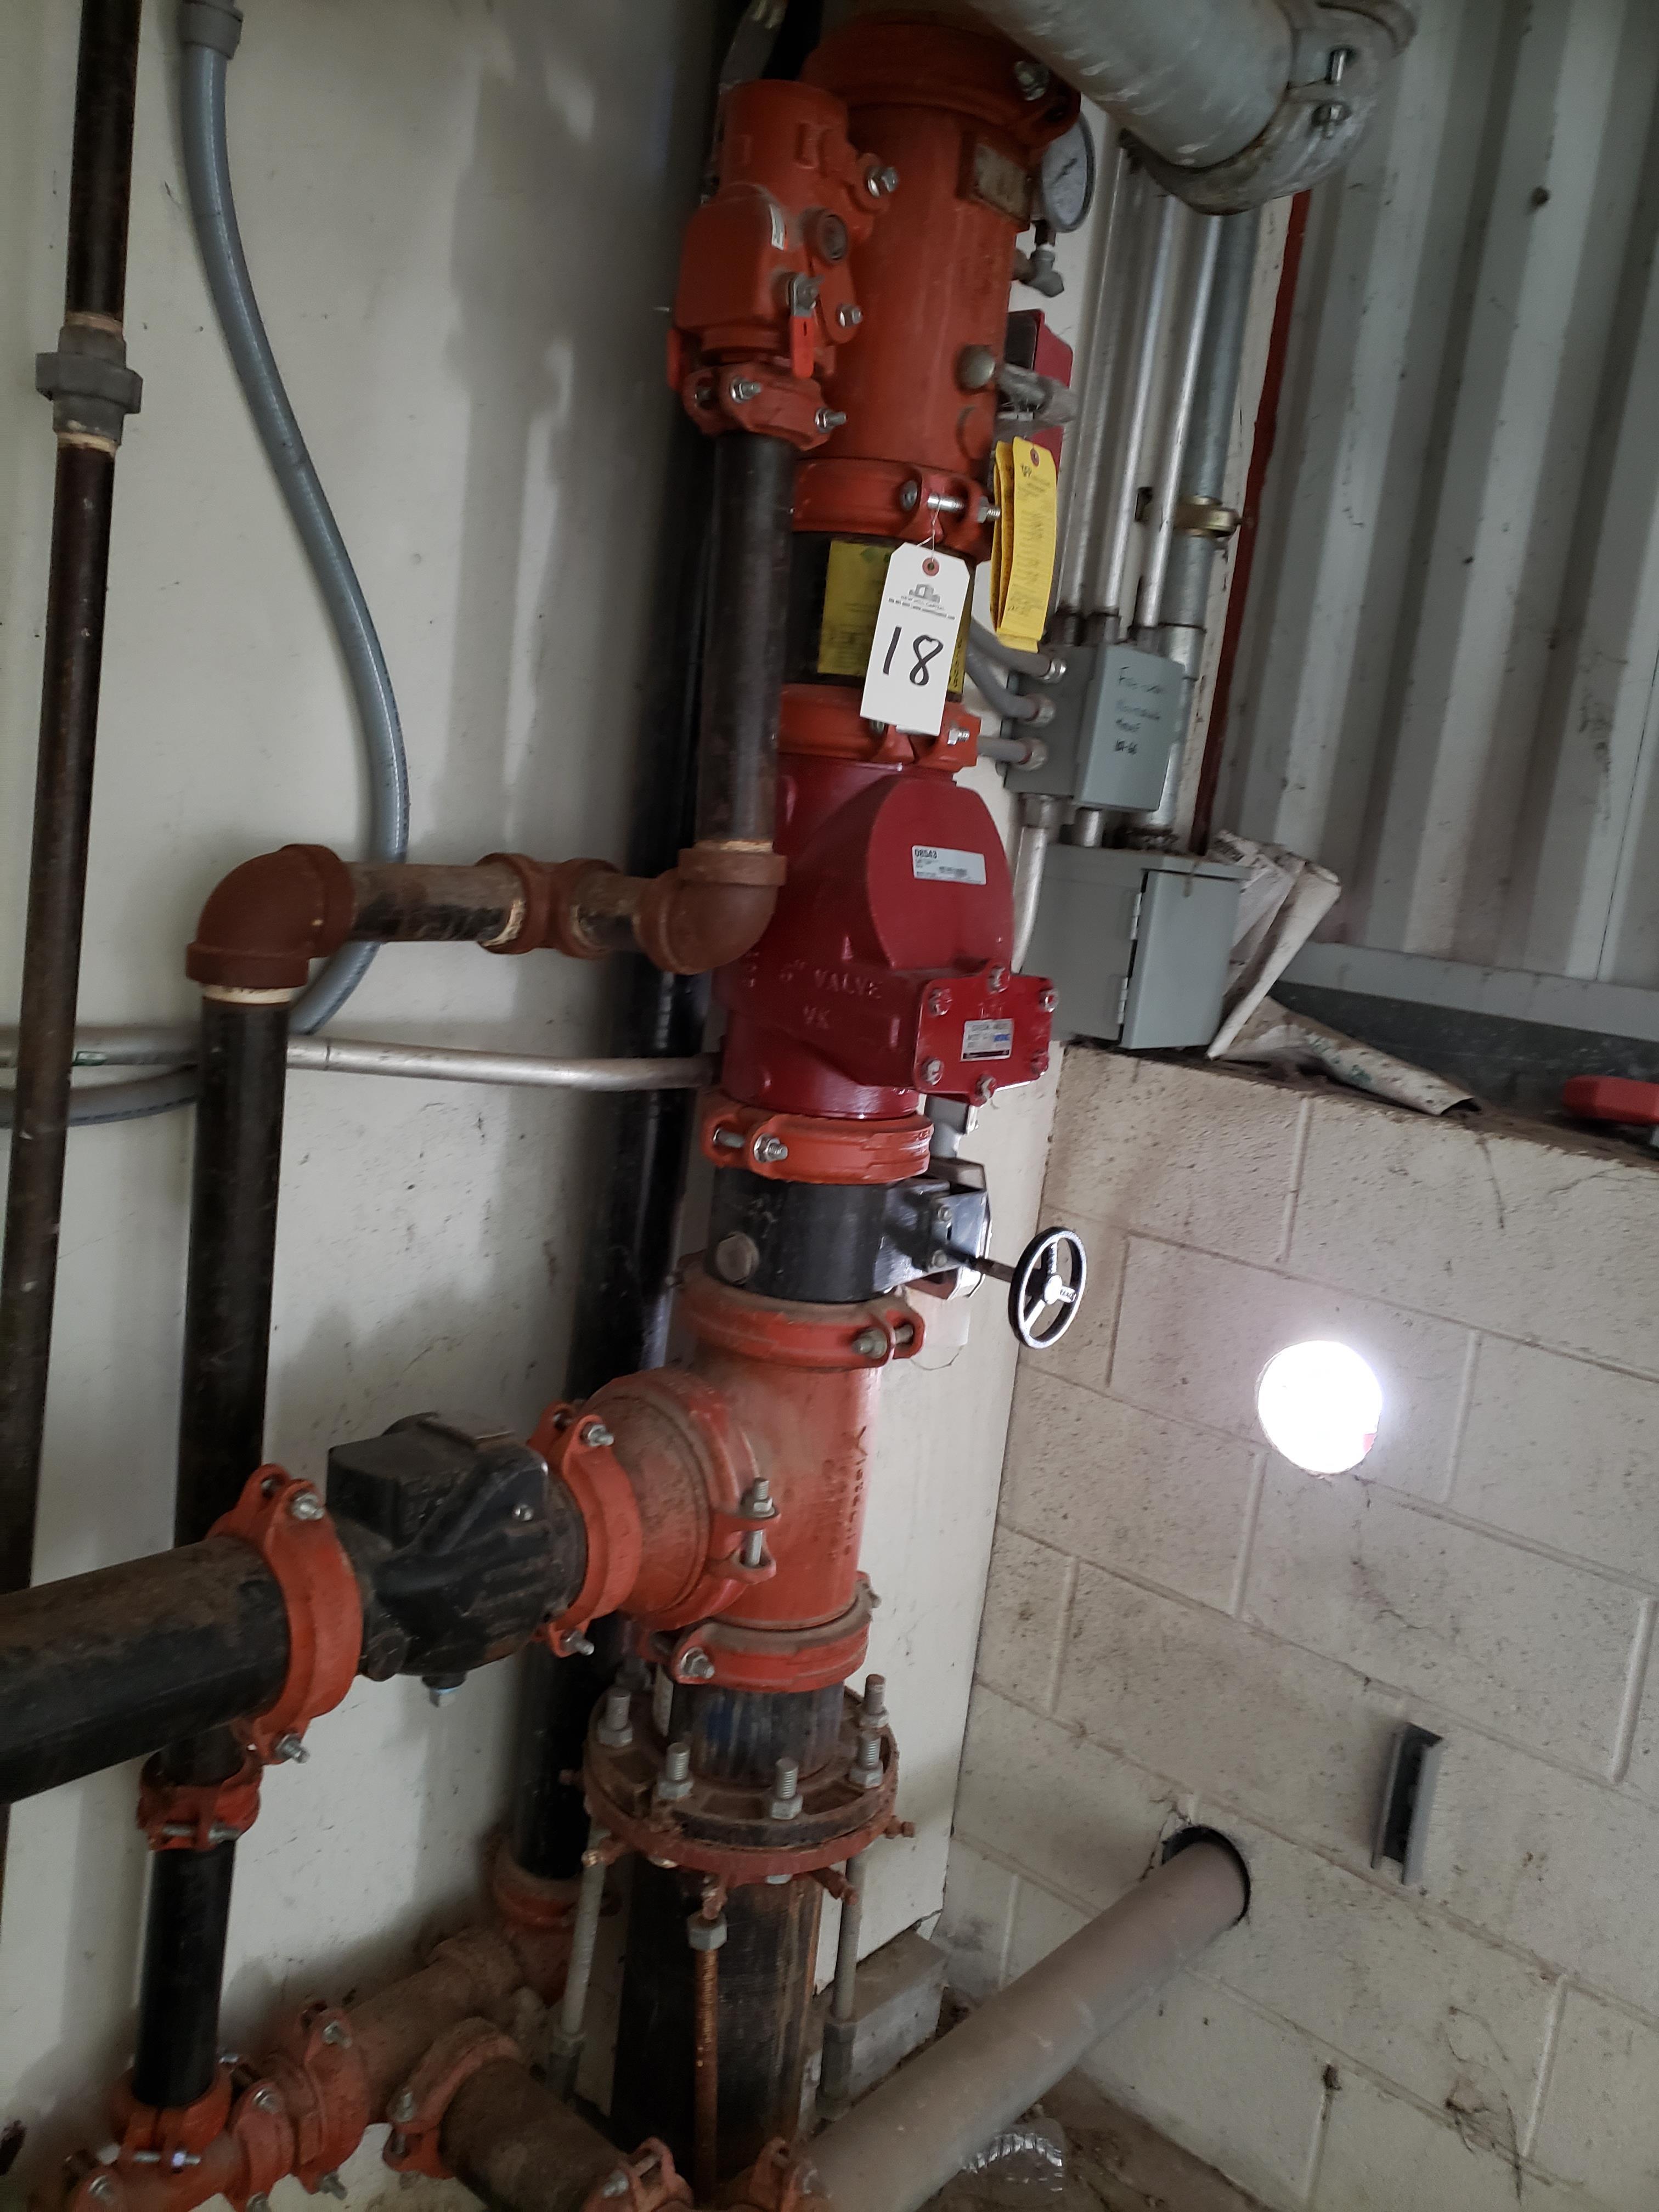 Lot 18 - Fire Sprinkler Valves,Gauges and Pipe | Rig Fee: $100